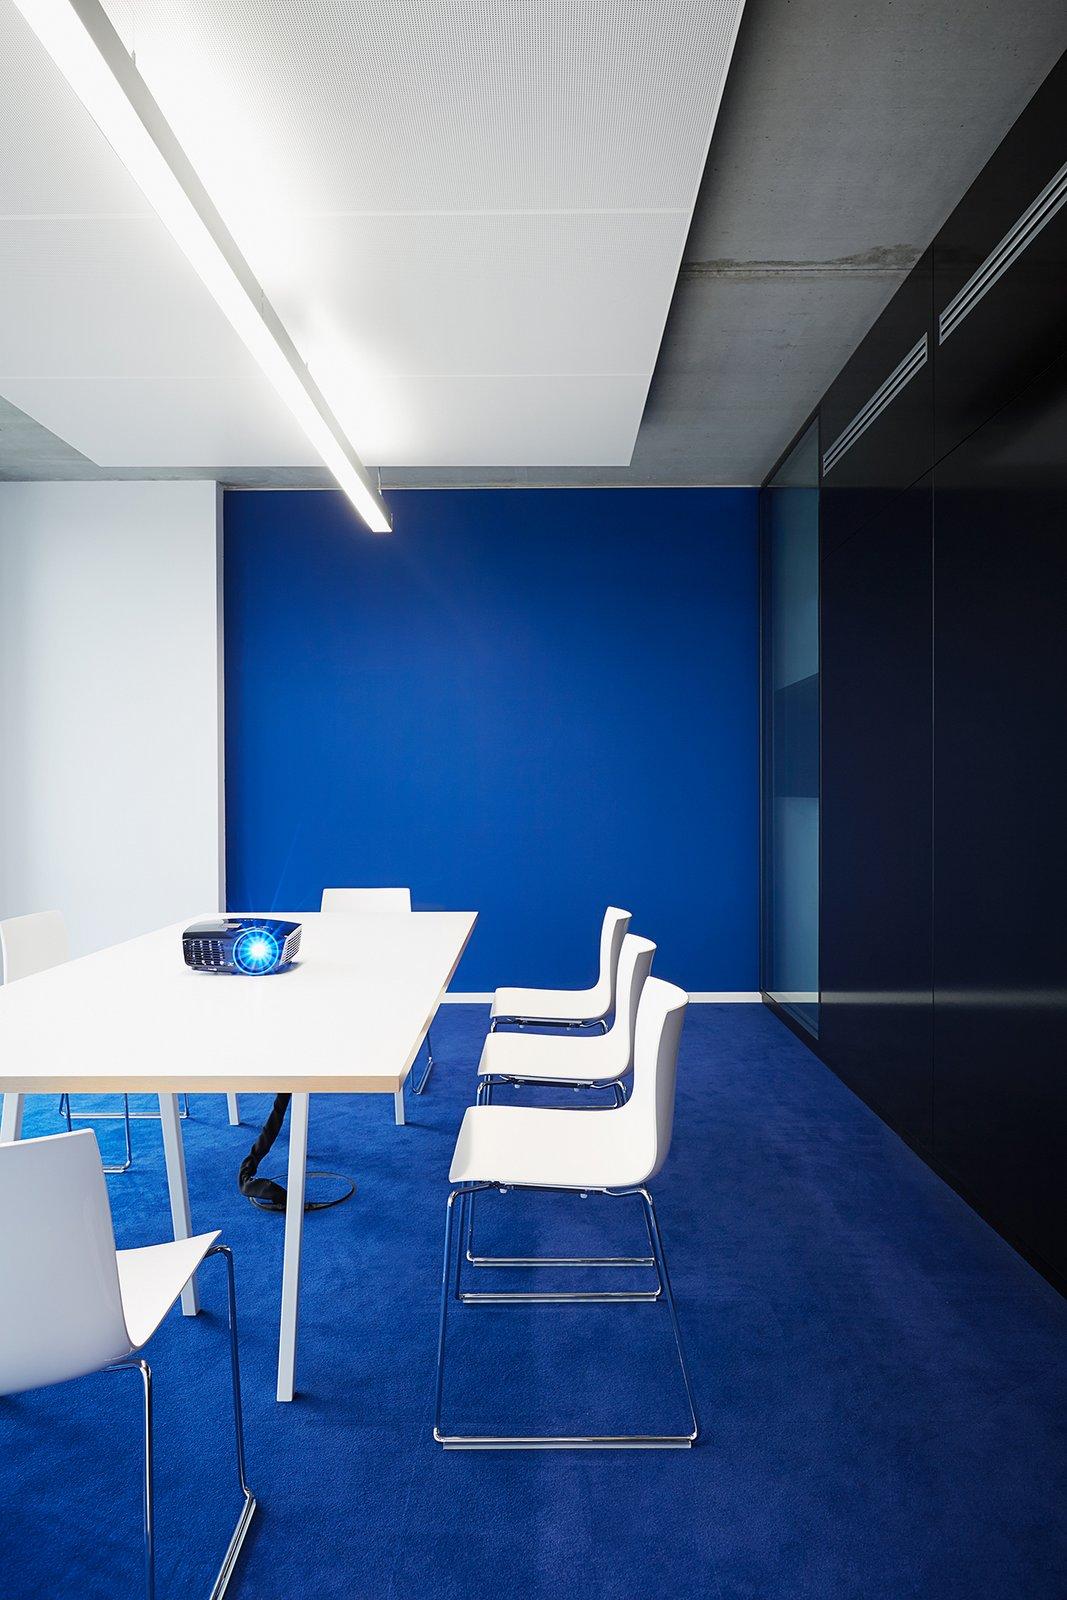 farben im b ro mehr als optische akzente pcon blog. Black Bedroom Furniture Sets. Home Design Ideas